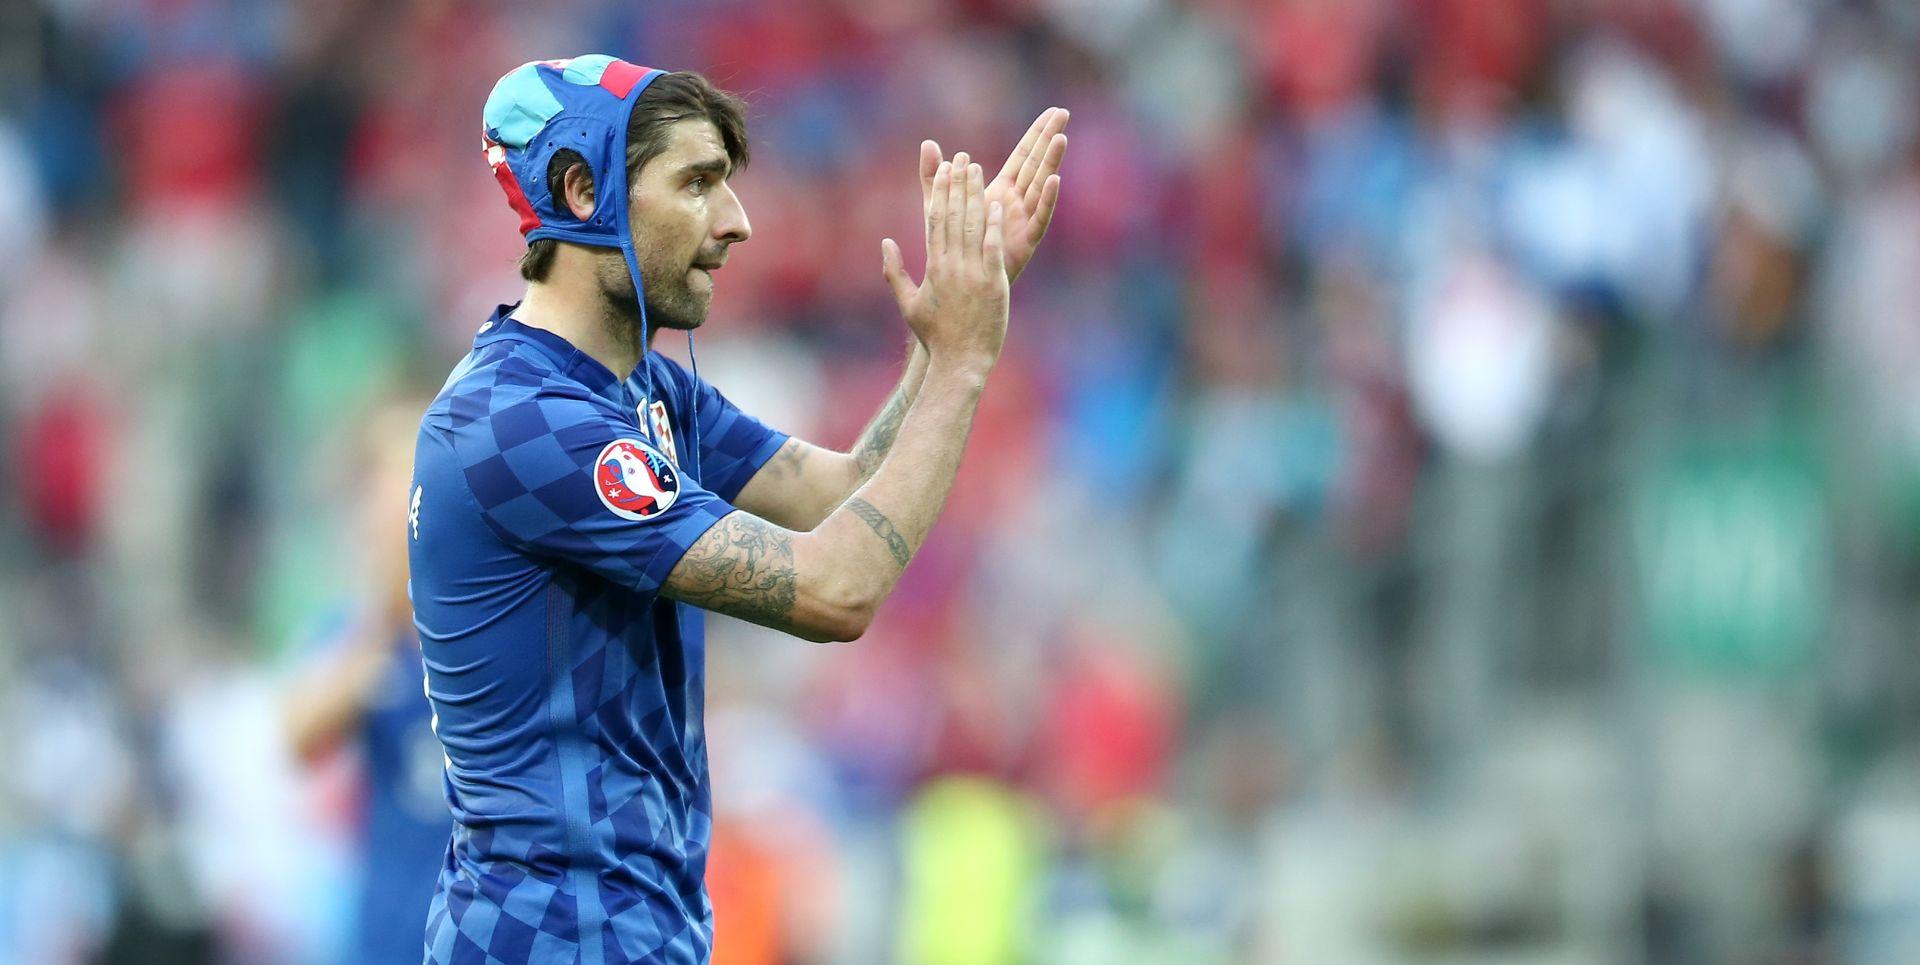 RUSKI NOVINAR TVRDI Ćorluka potpisuje za Bayern